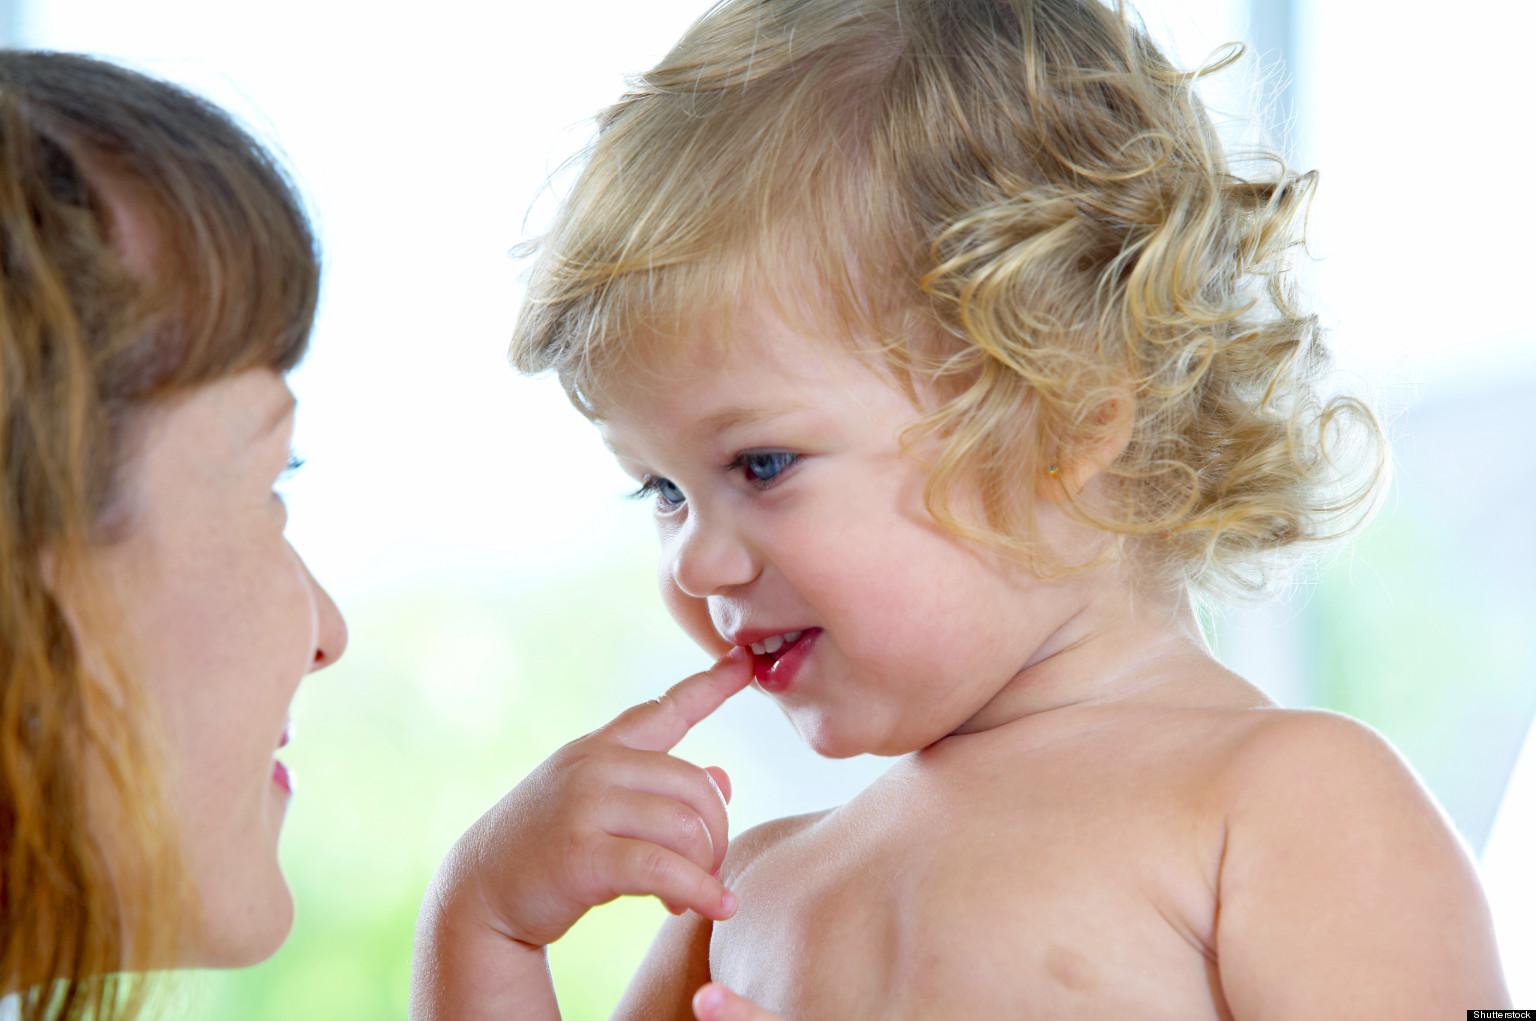 Ребенок не говорит  в 2 года: причины, признаки зрр, нормы развития речи, мнения специалистов